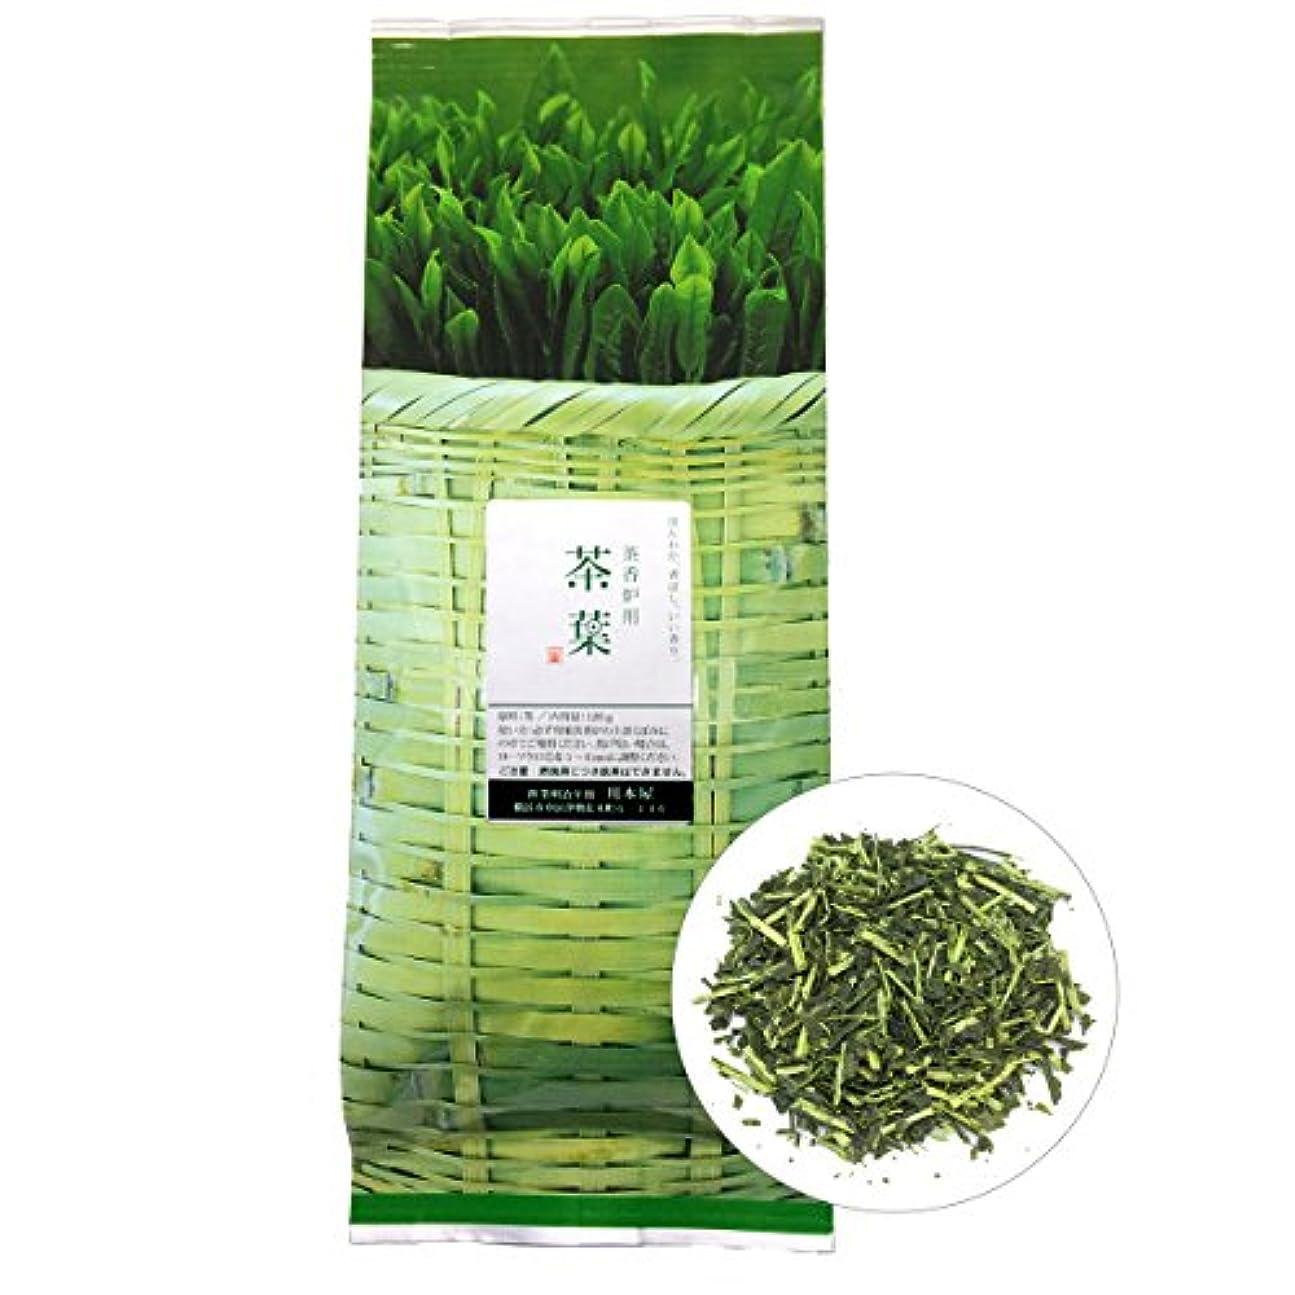 偽装するトロリーブル国産 茶香炉専用 茶葉110g (1袋) 川本屋茶舗